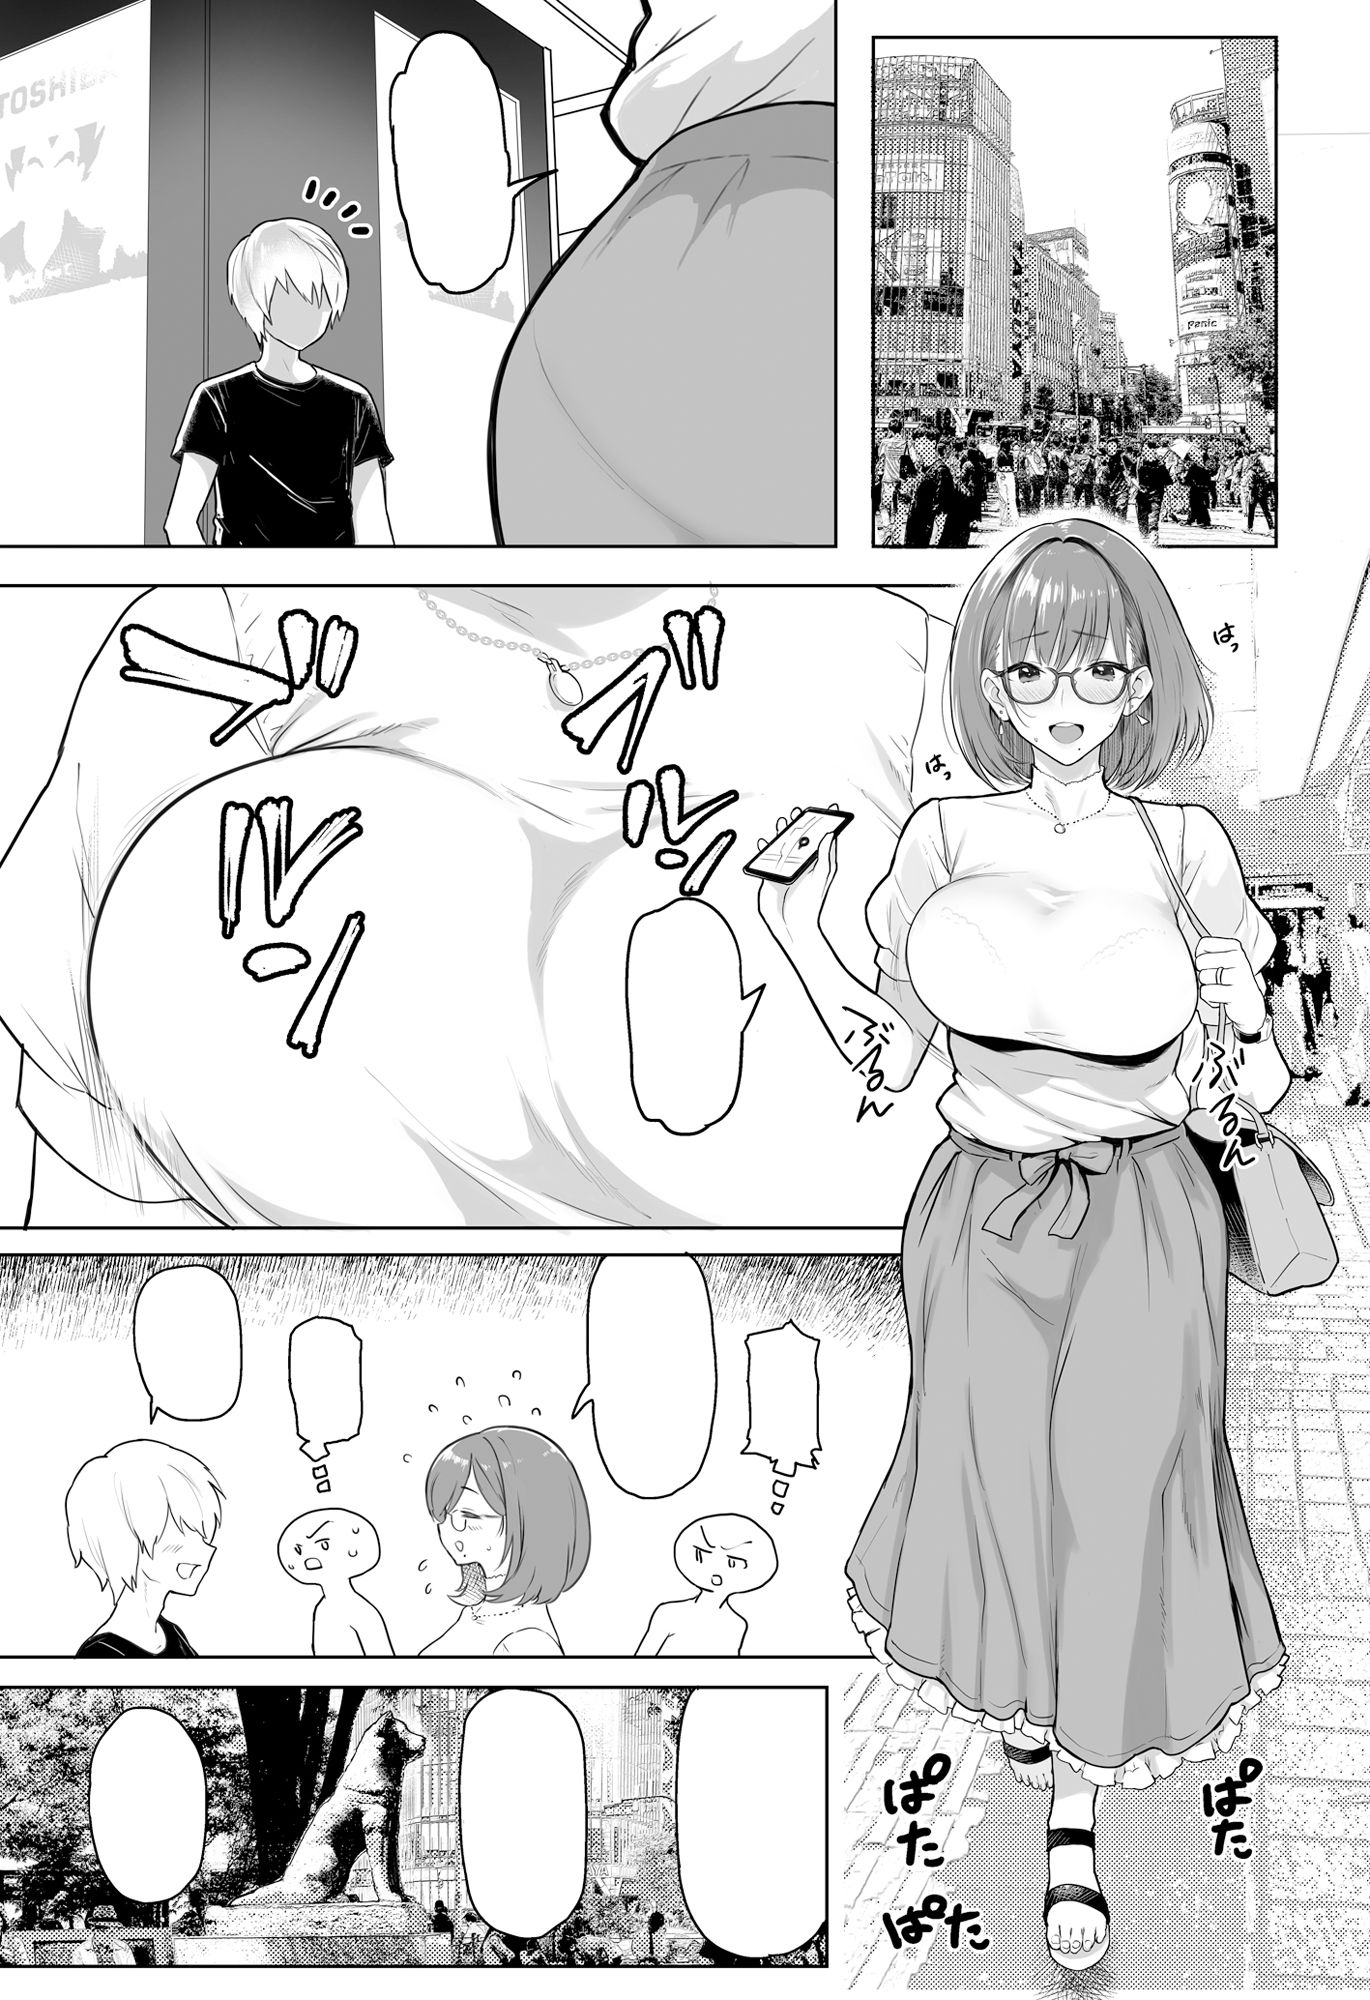 【エロ漫画無料大全集】【人妻エロ漫画】メガネ人妻が若い男と浮気にハマりボテ腹になっても中出しセックスを続け…